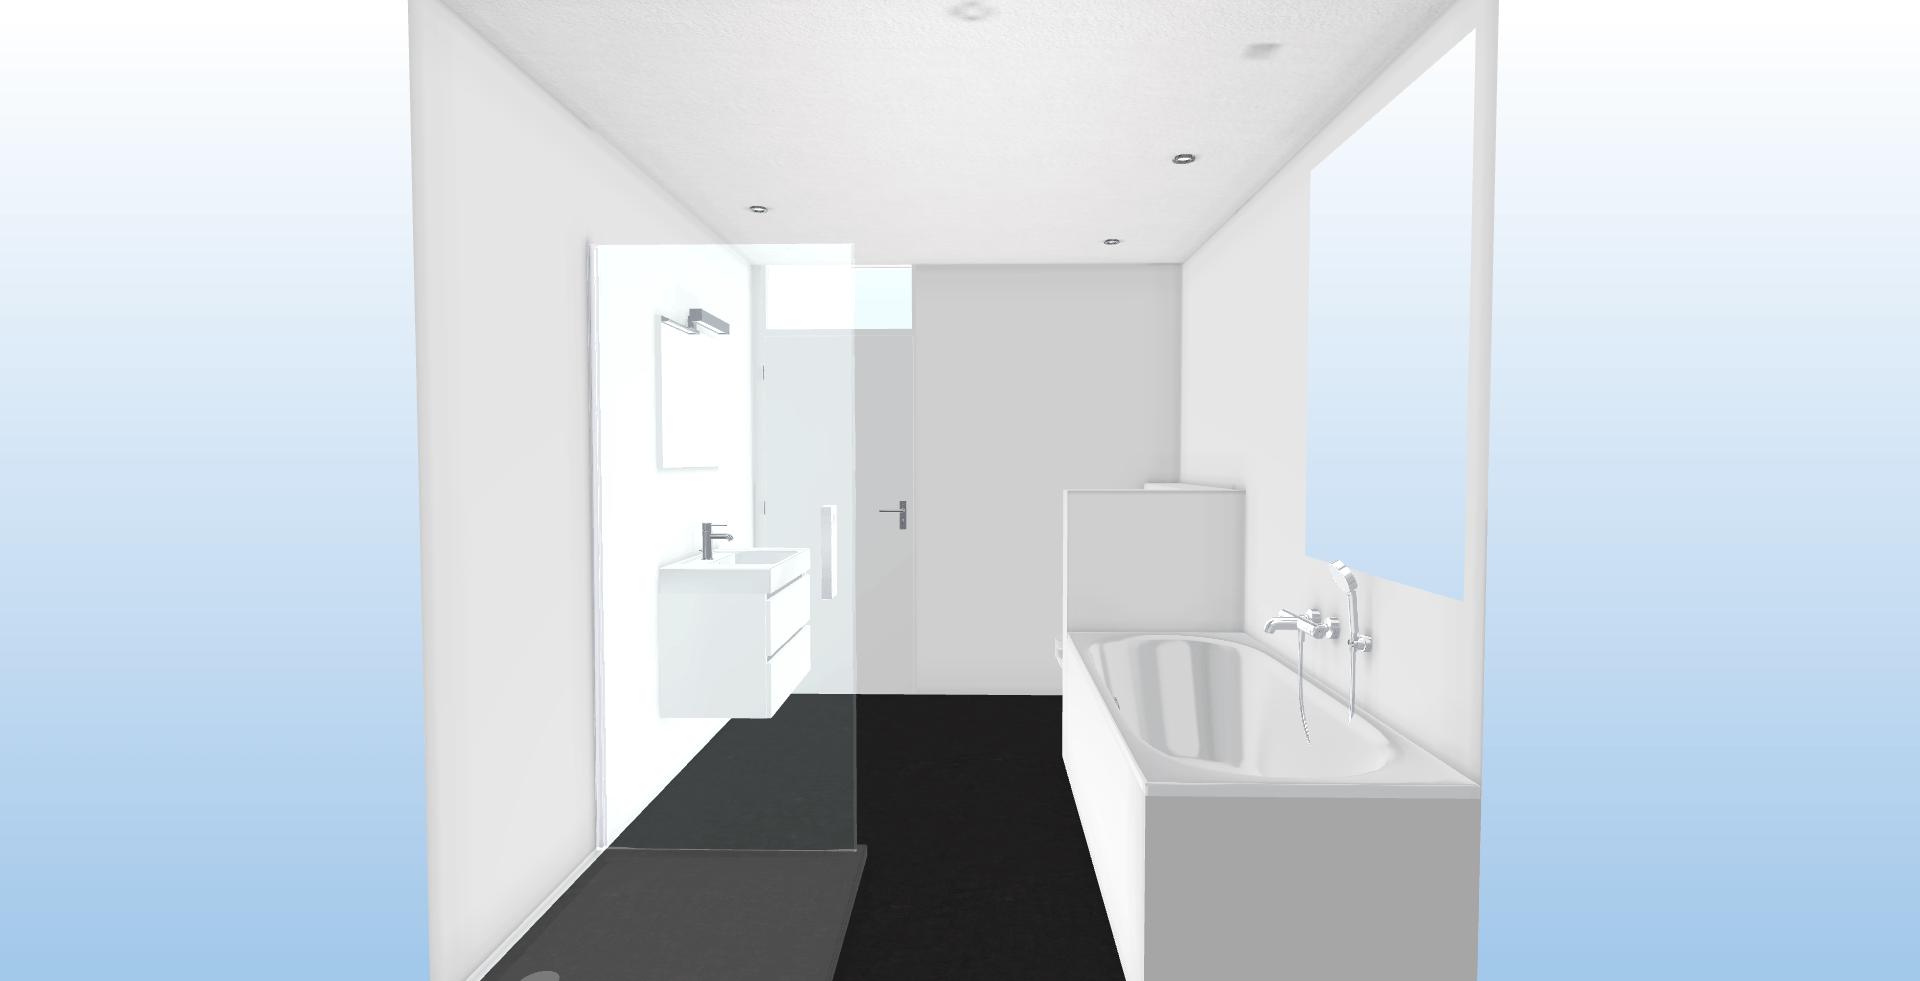 Vierkante badkamer ontwerp pagie bad tegeldesign